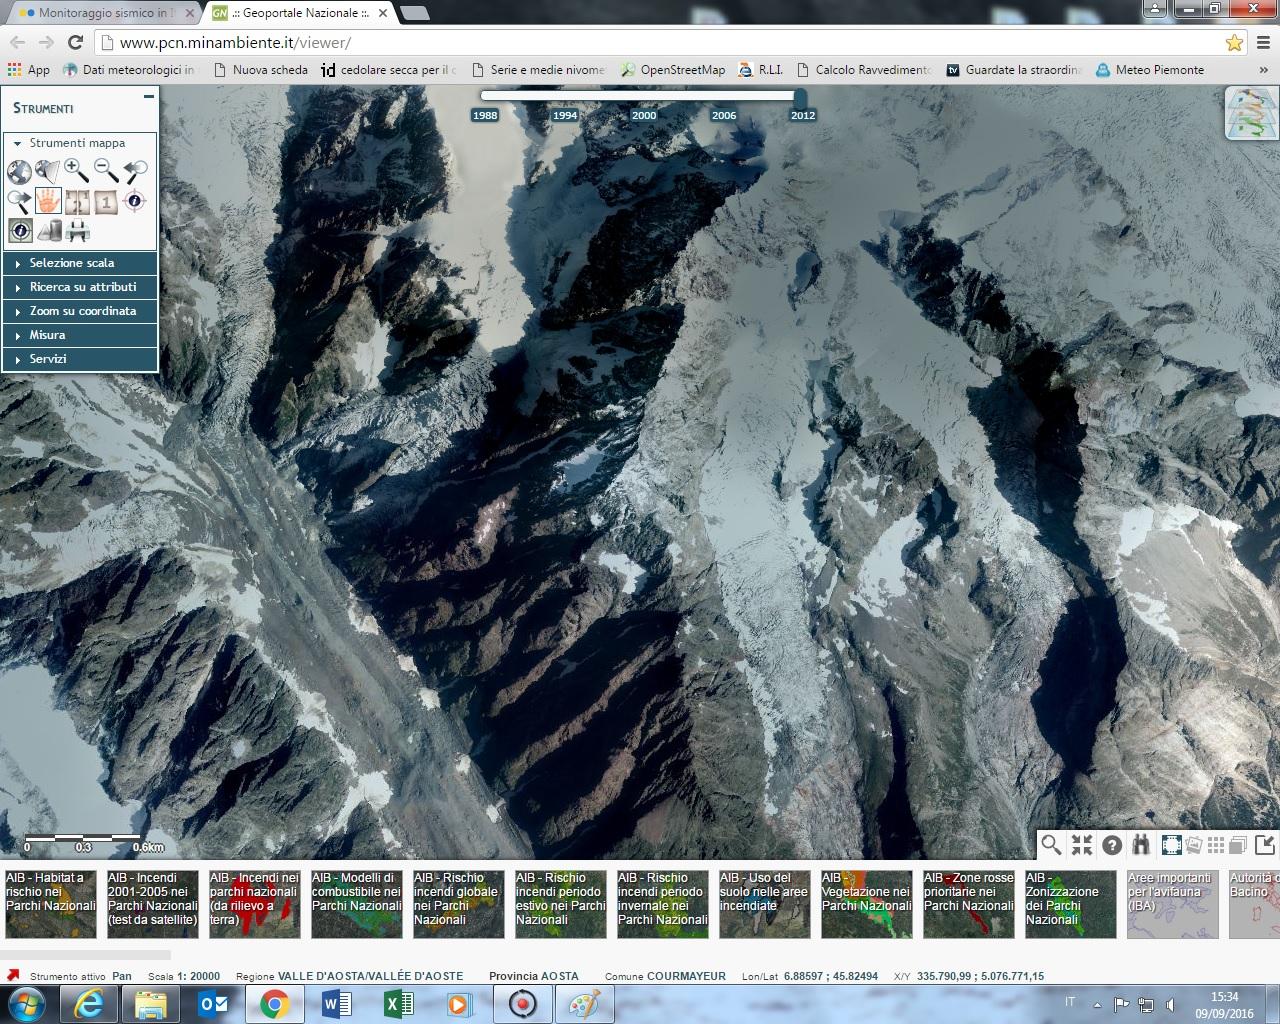 Il ritiro dei ghiacciai in Italia e nel mondo: qui i confronti-bianco-2012.jpg